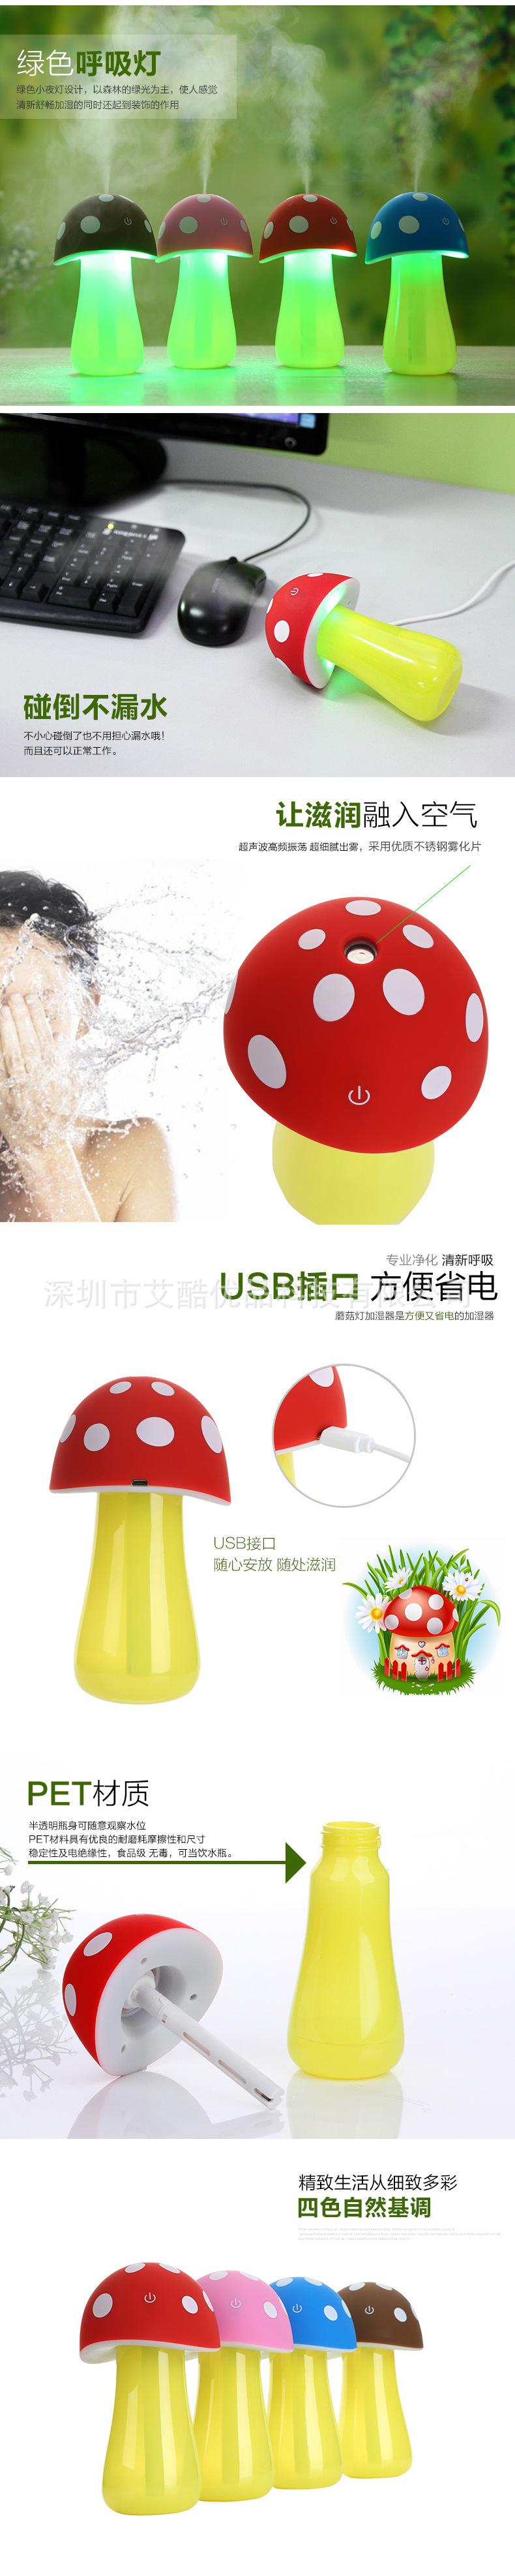 蘑菇灯加湿器_03